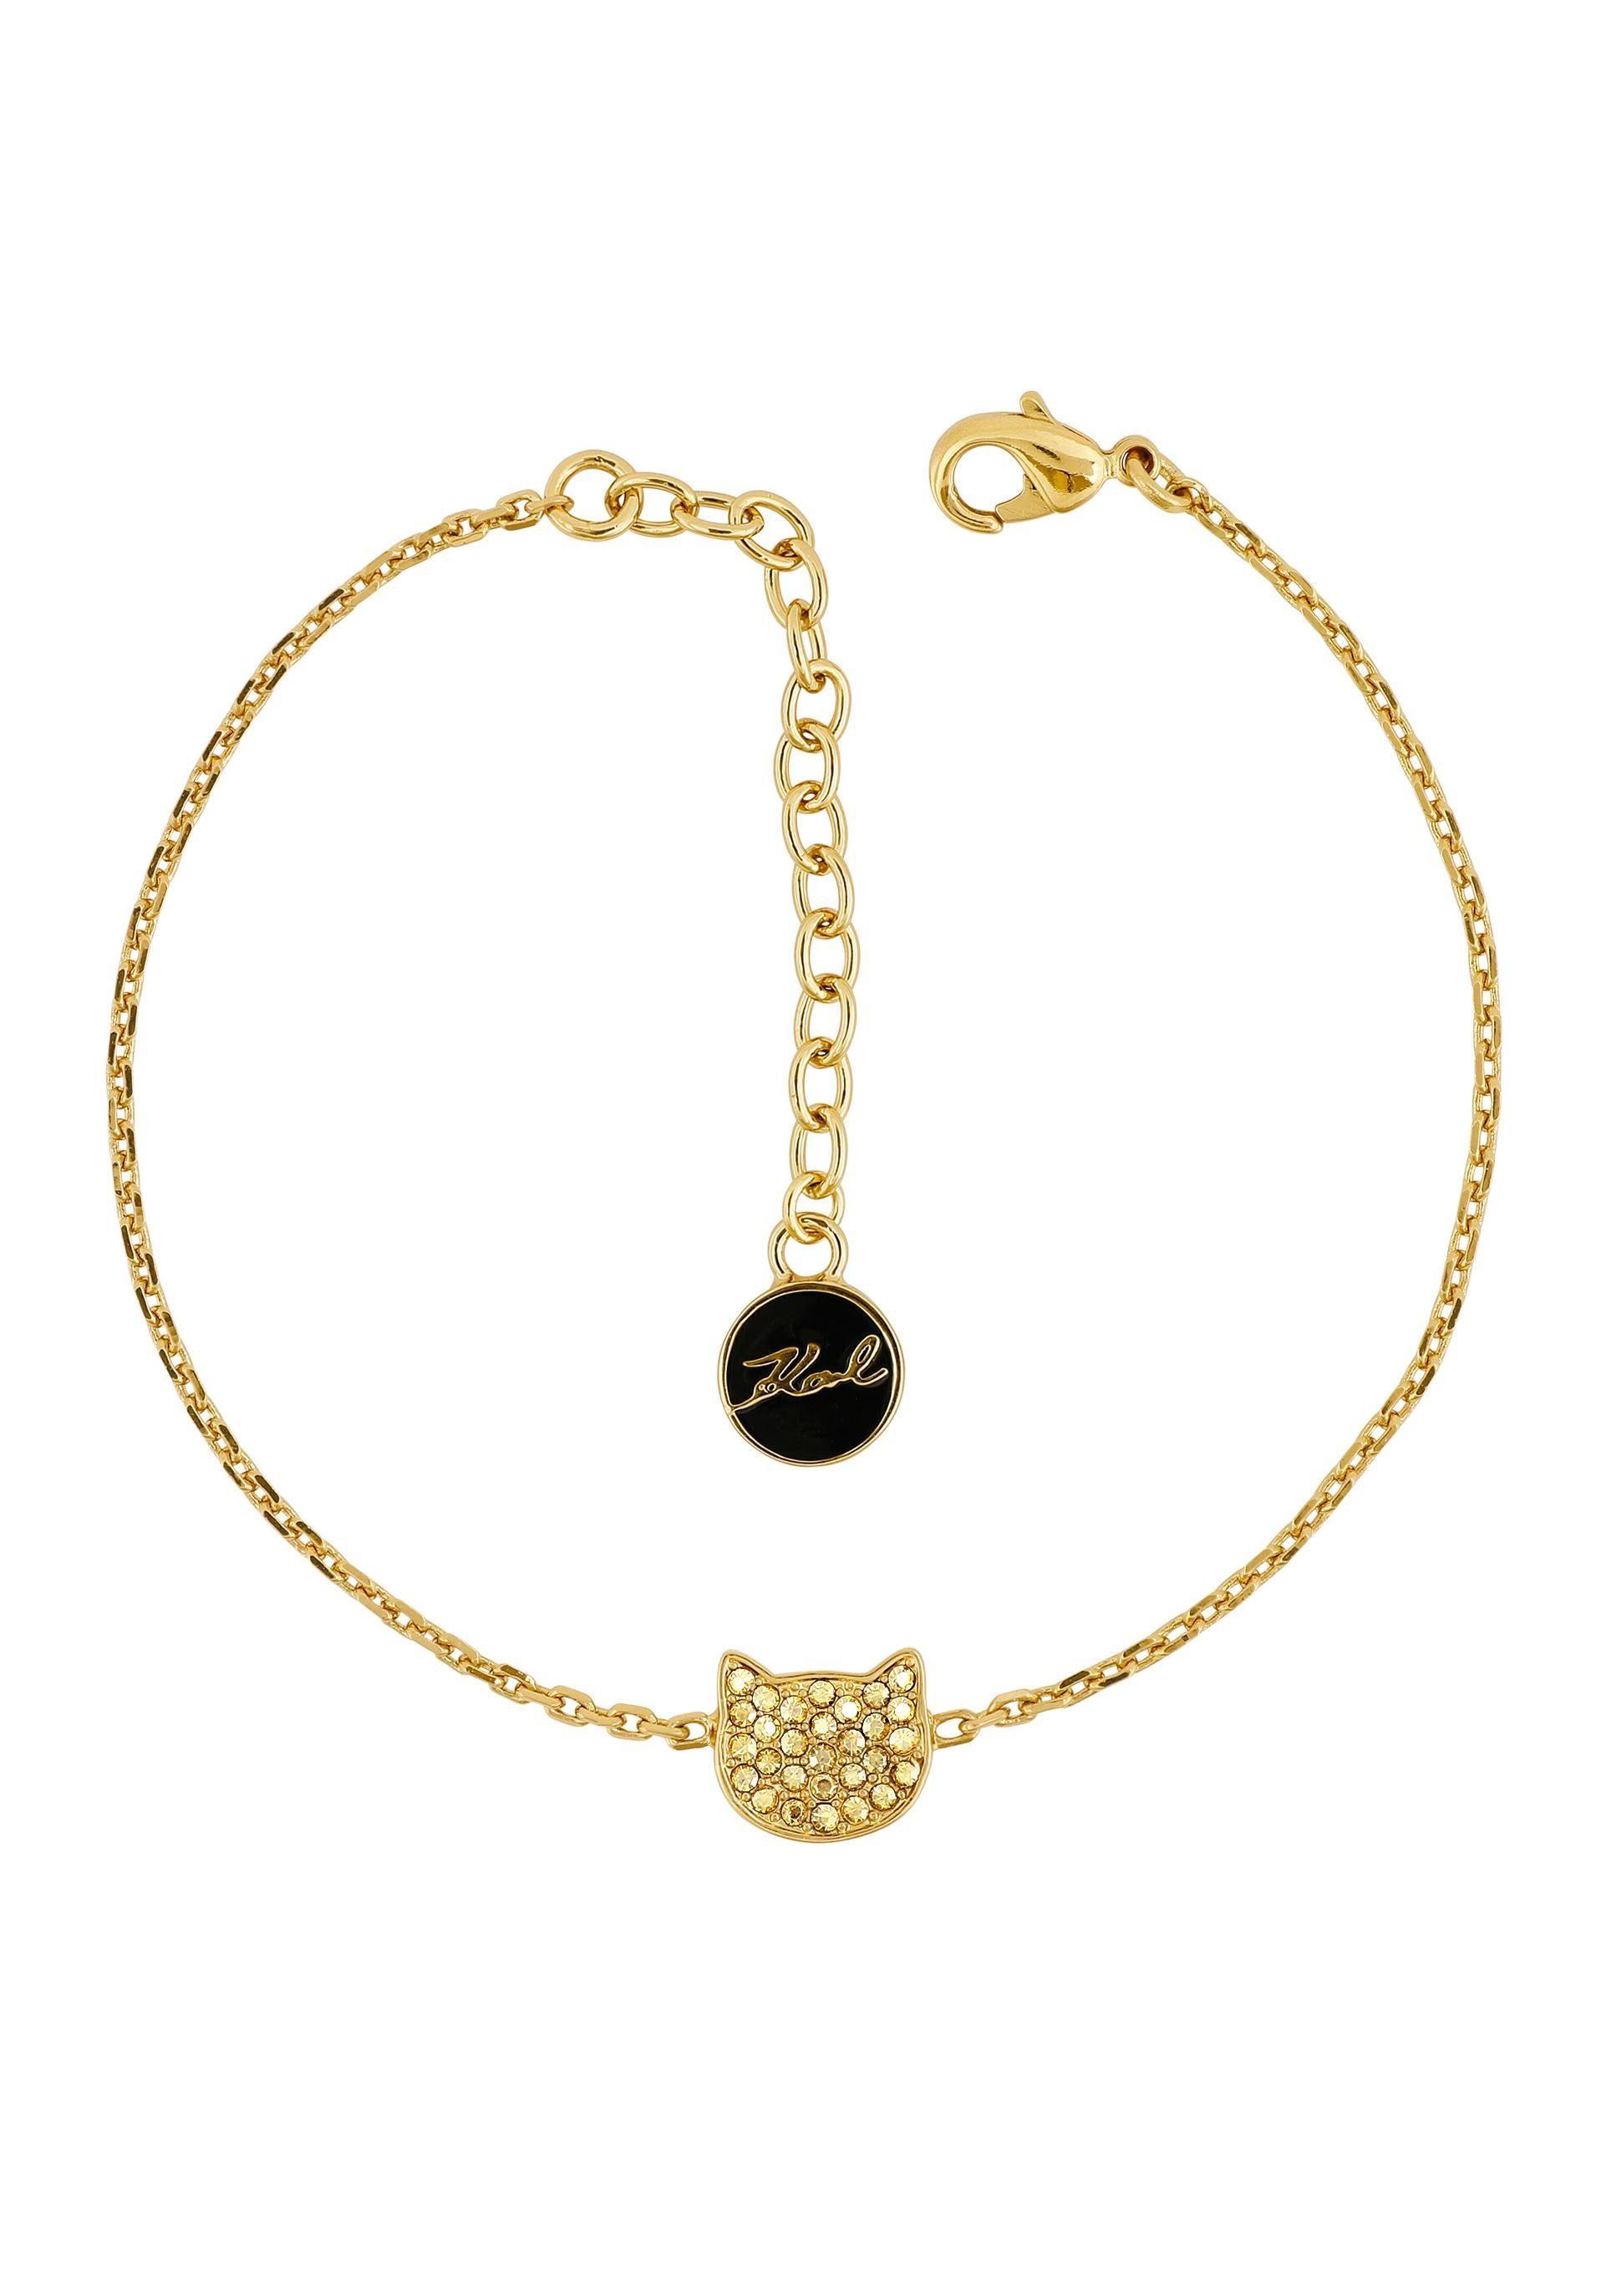 KARL LAGERFELD Armband »Silhouette Choupette, 5420549« mit Swarovski® Kristallen